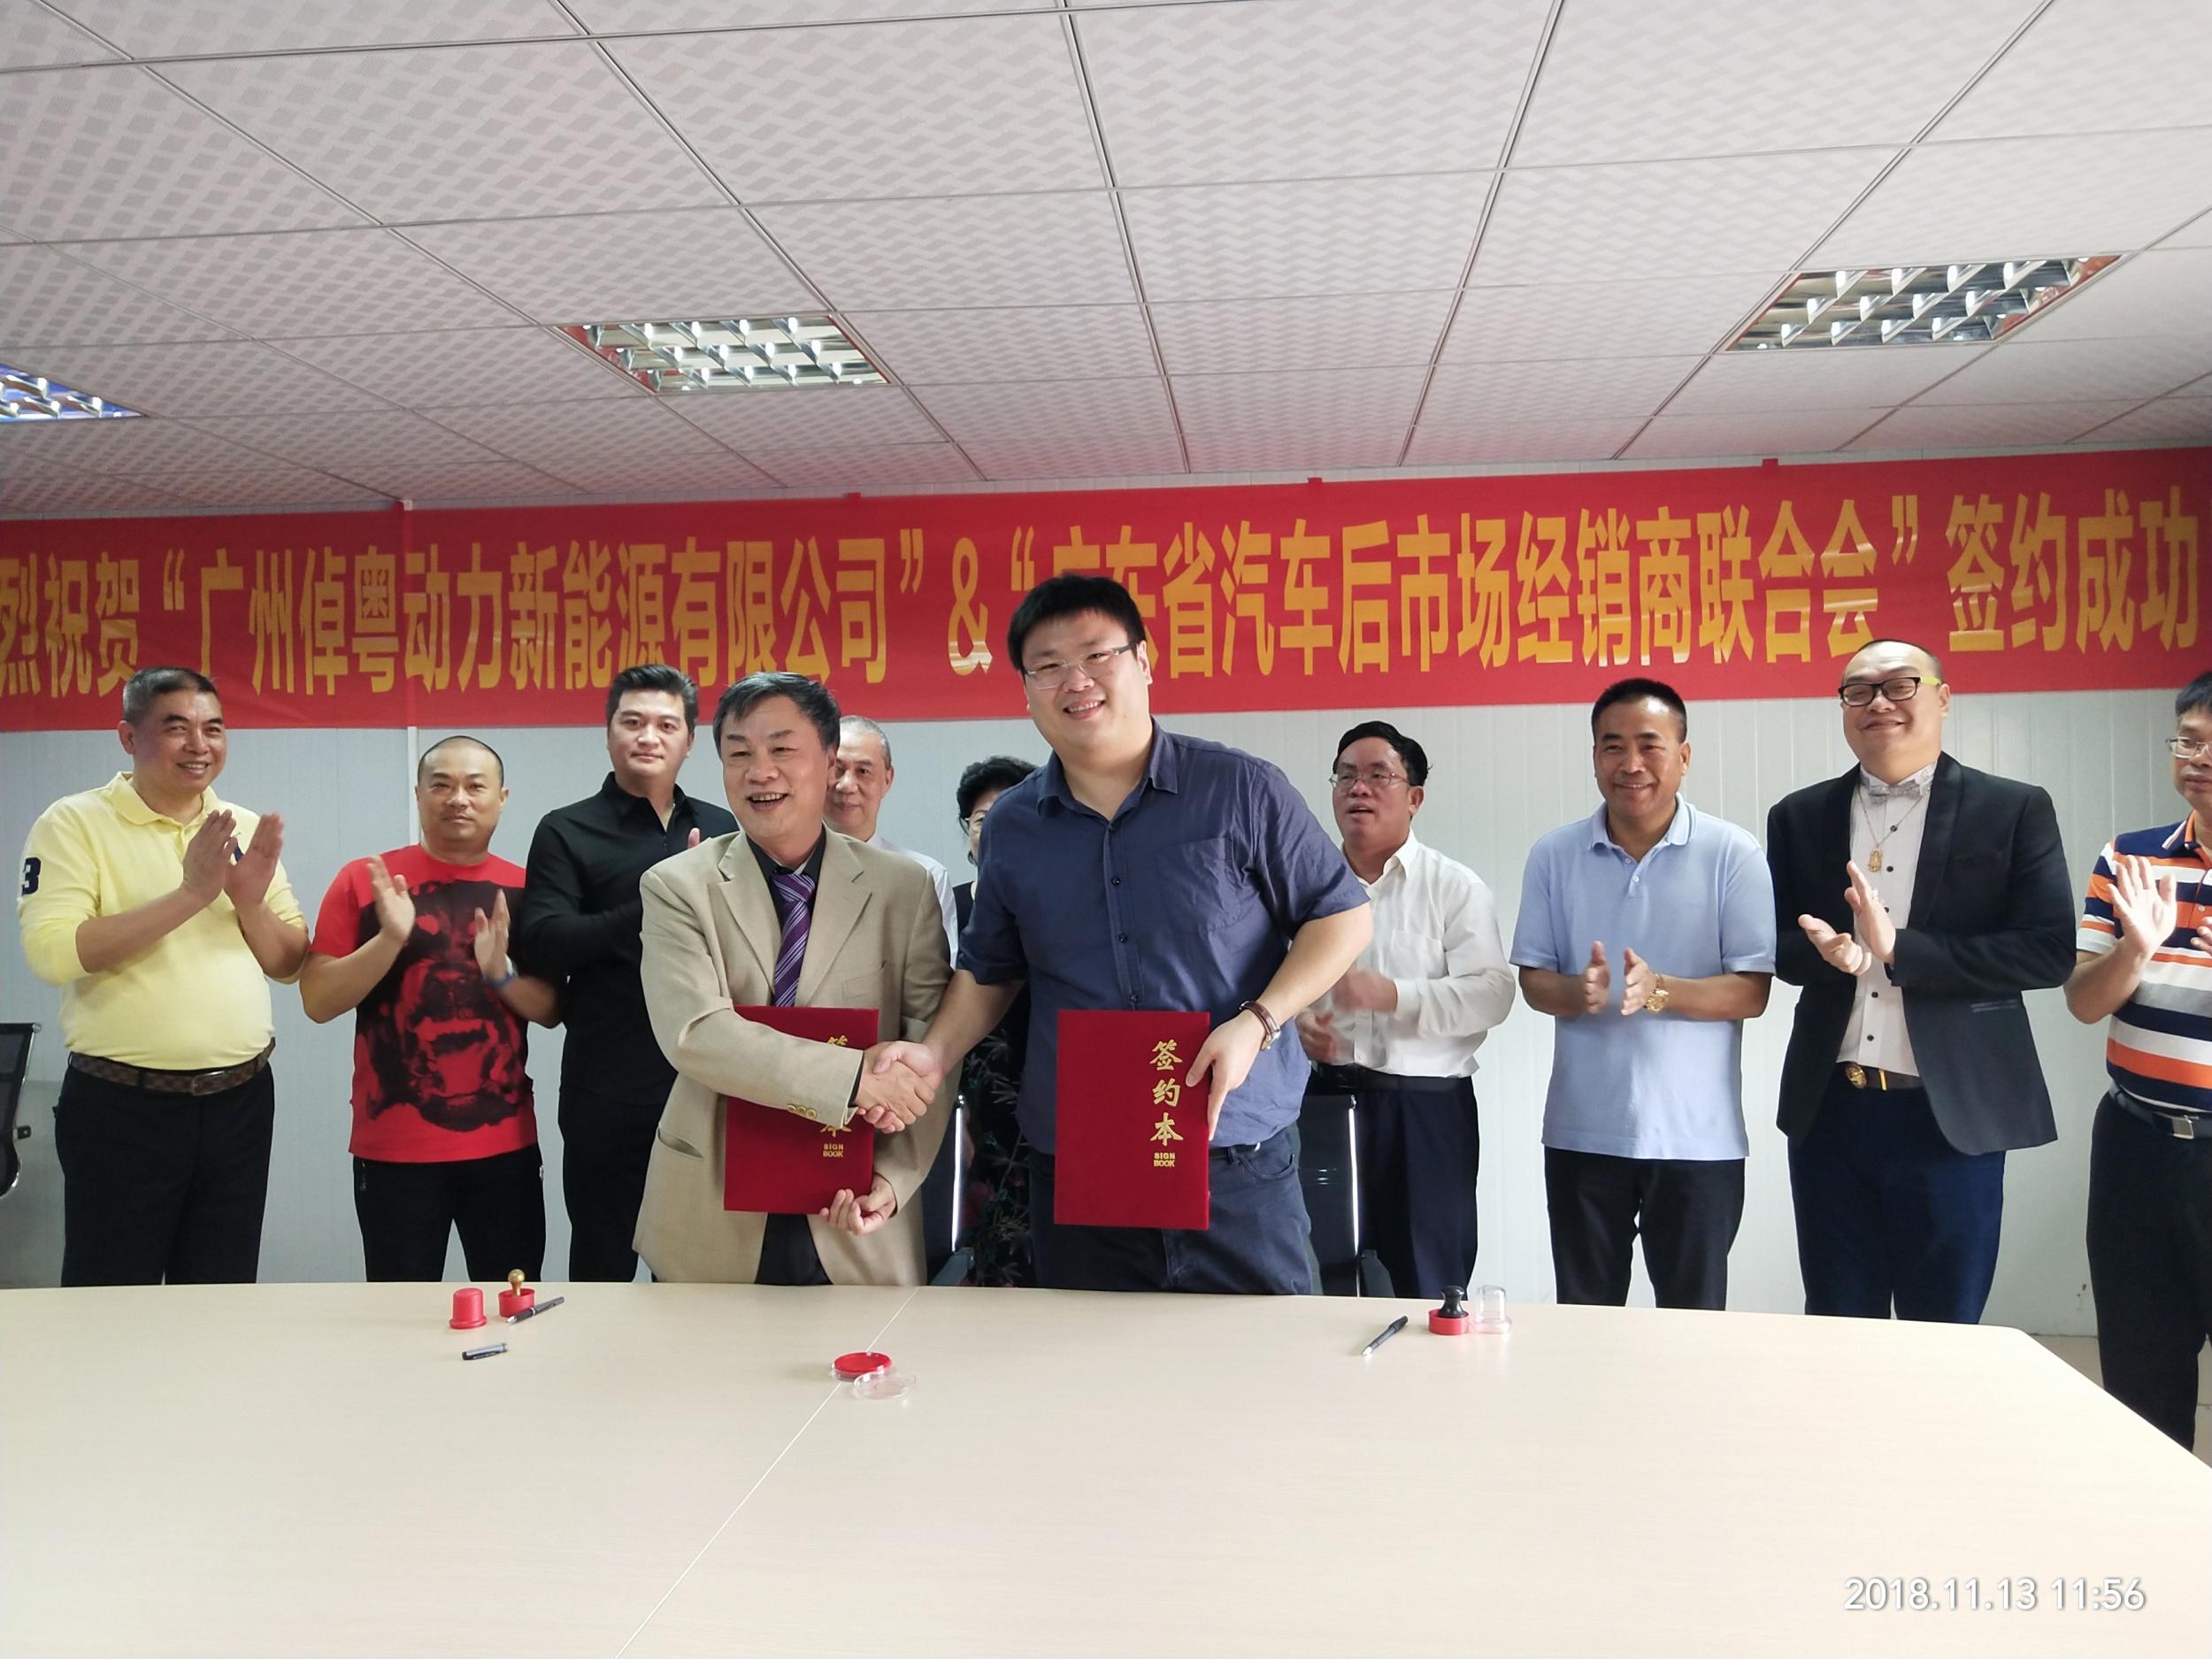 與廣東省汽車后市場商聯會簽約儀式